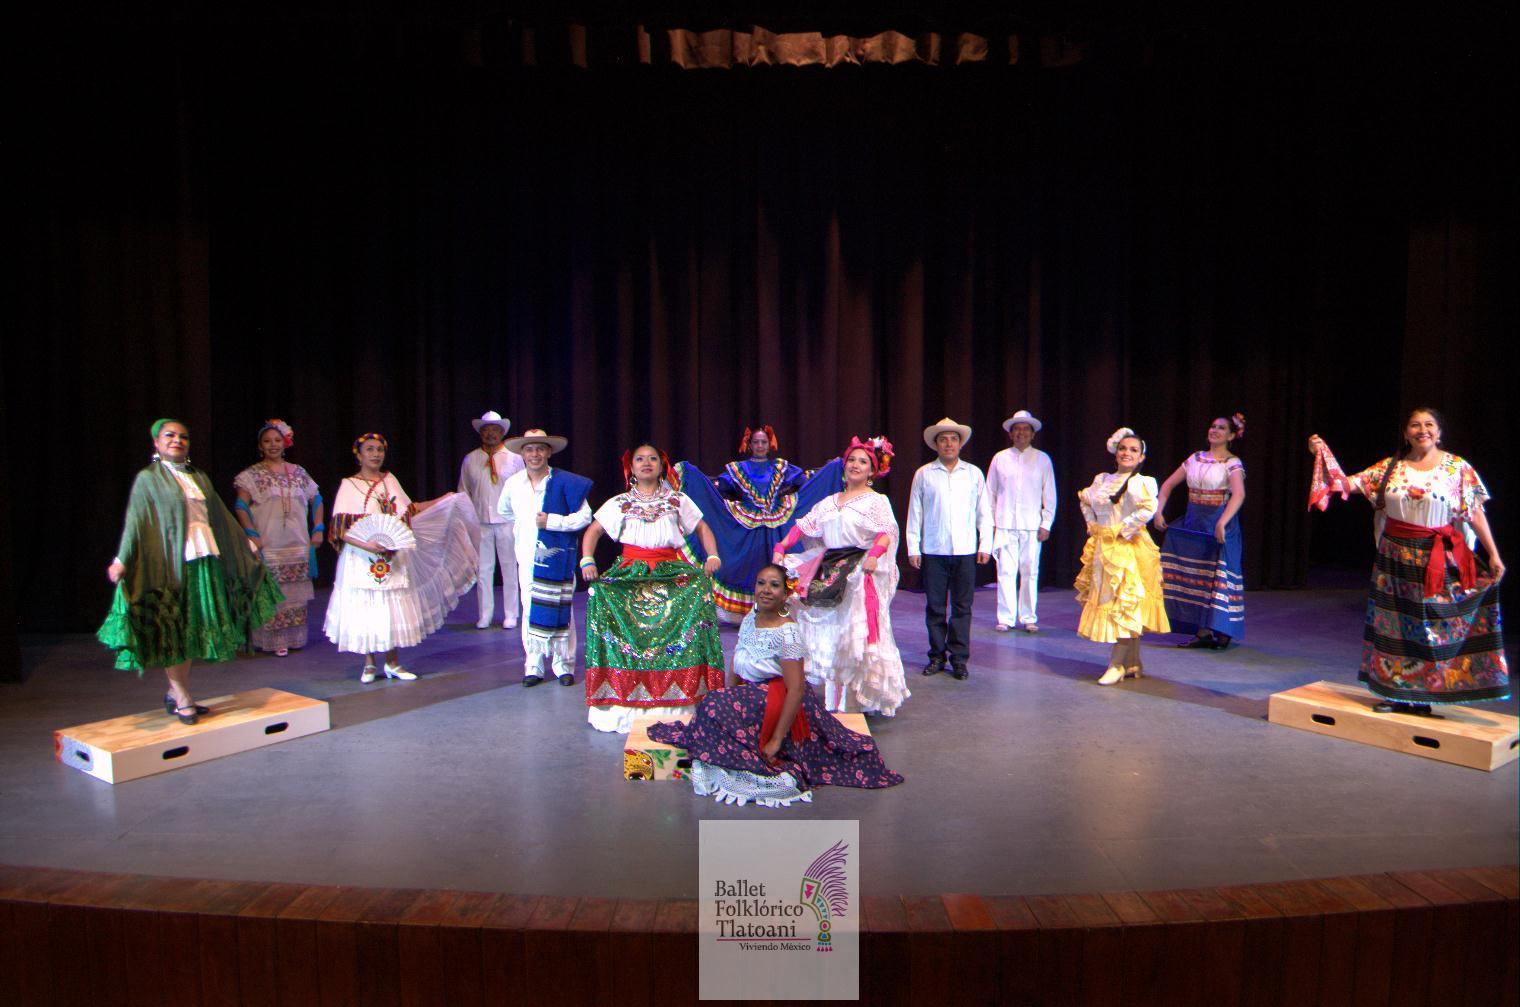 Pasarelas Mexicanas